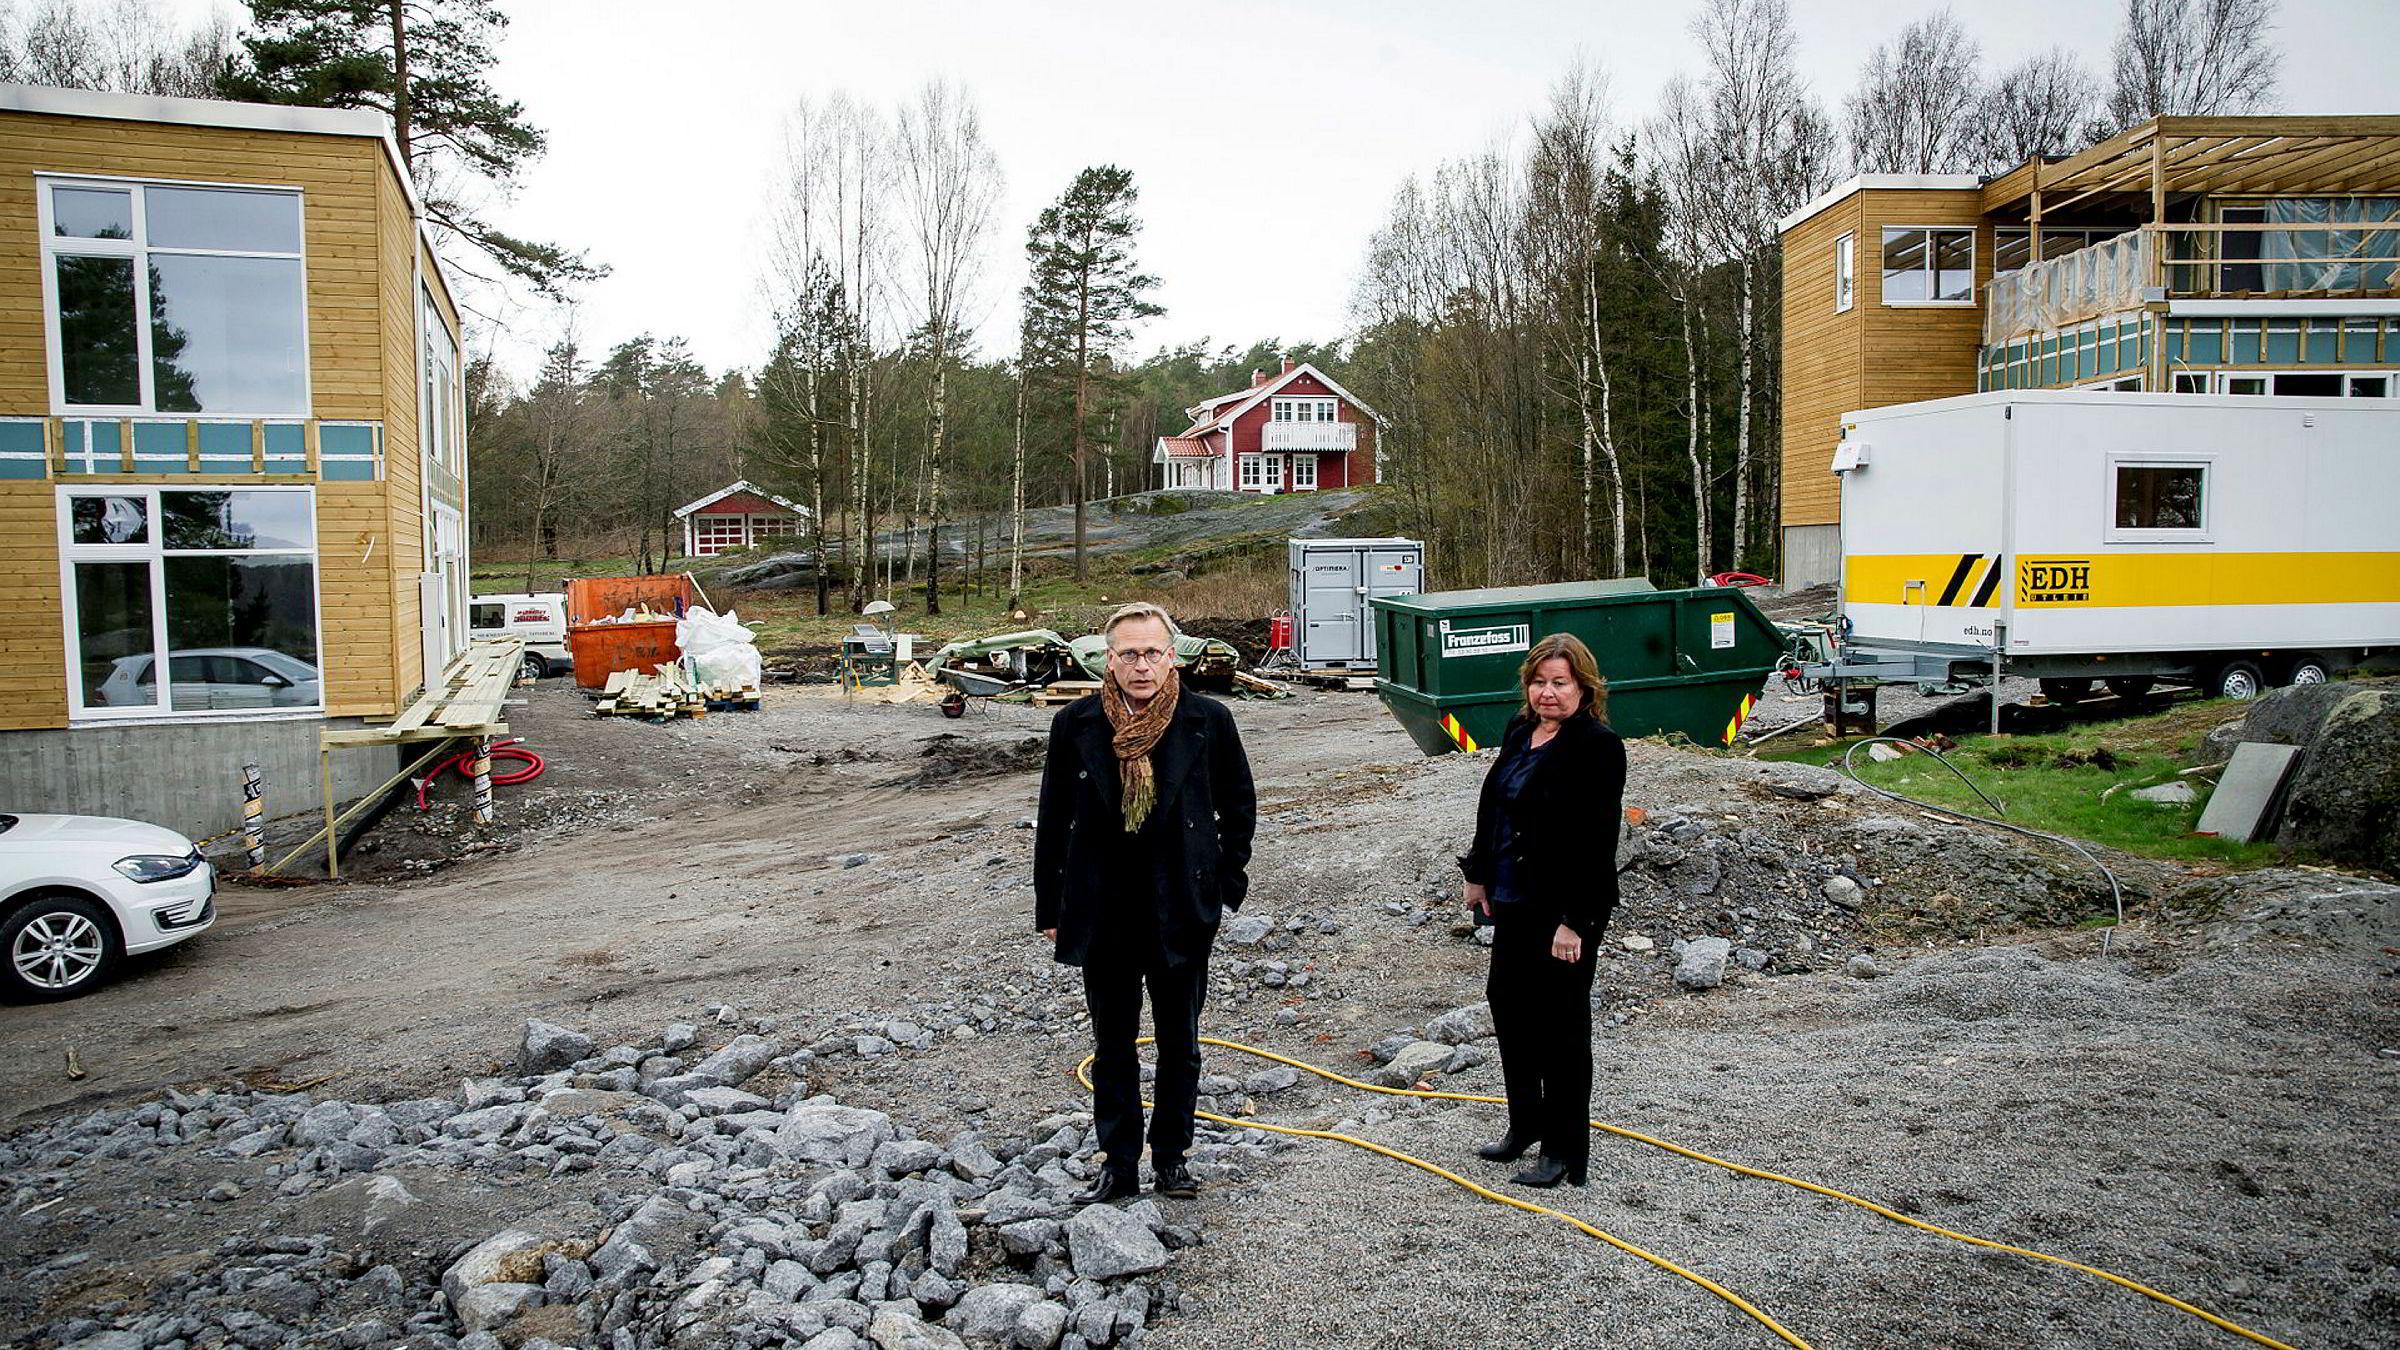 Arkitekt Rune Breili har tegnet mange av hyttene på Tjøme som det er blitt byggesaker av. Her med advokat Vibeke Hein Bæra på tomten til Dalsveien 57, et prosjekt som er stoppet. Byggingen på de to nabotomtene i bakgrunnen er ikke stanset.